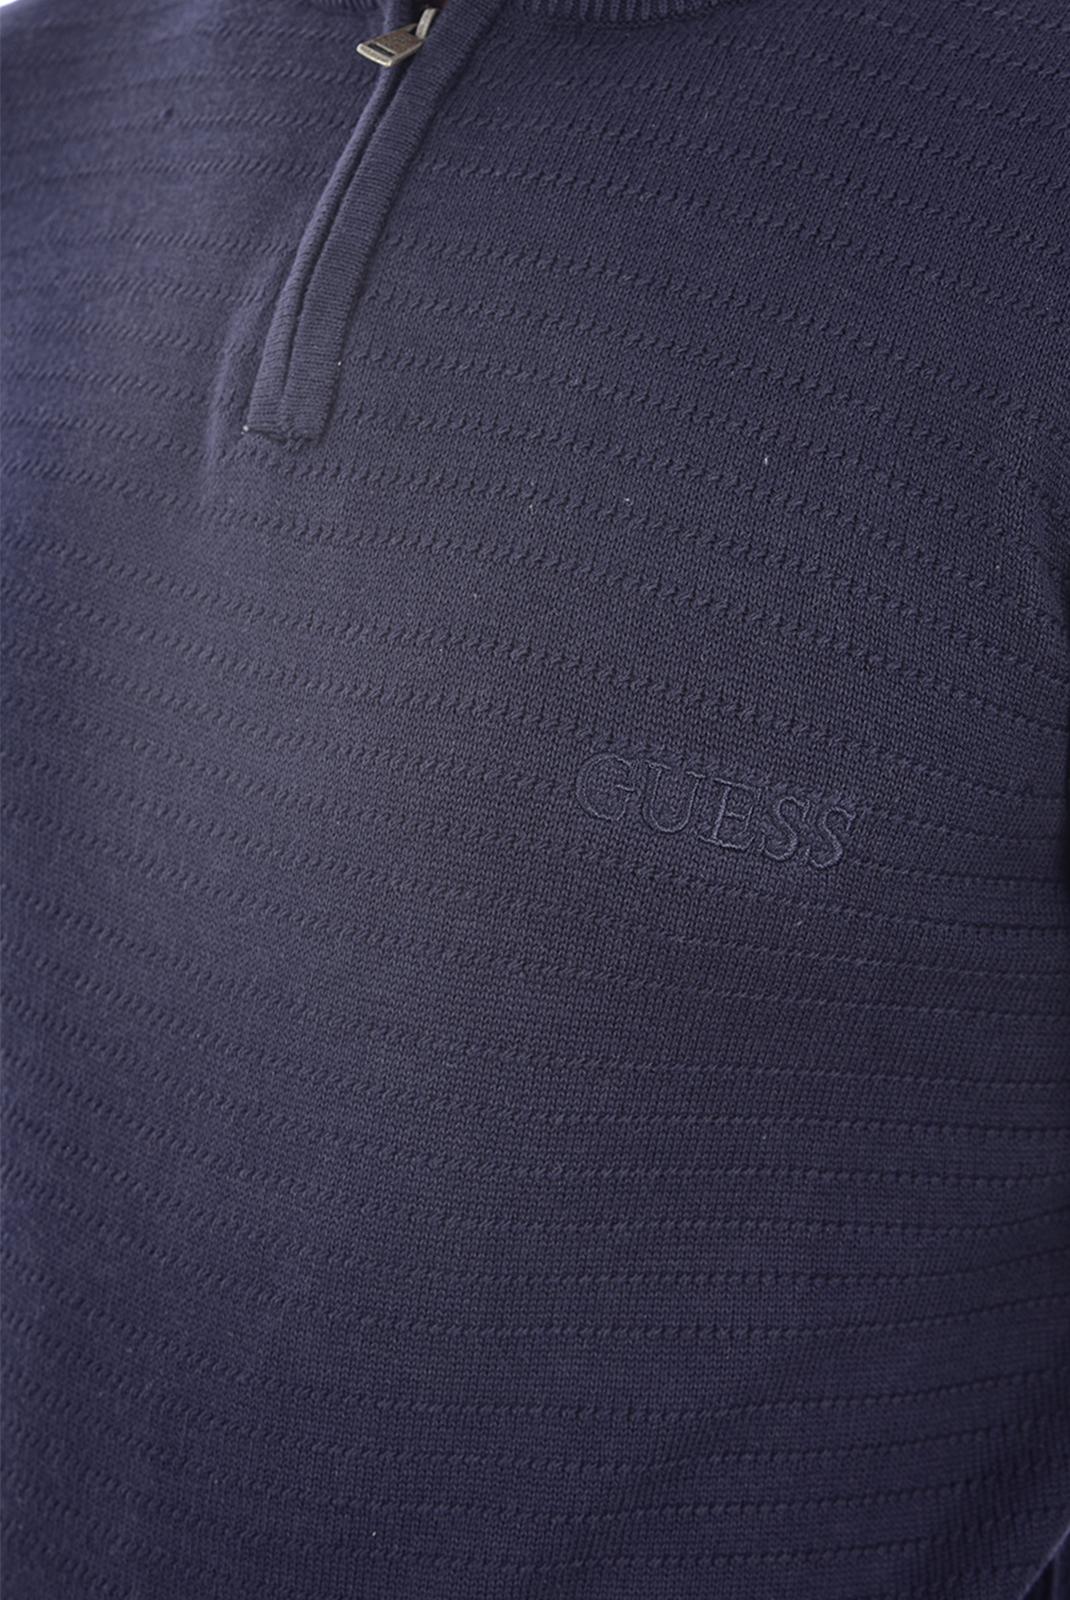 HOMME  Guess jeans M94R49 Z2HI0 G720 BLUE NAVY